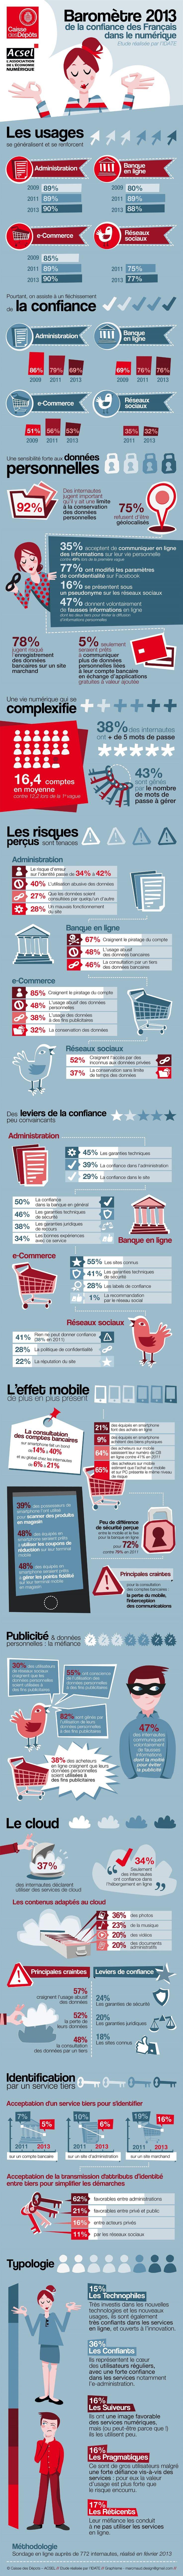 Baromètre 2013 : confiance des français dans le numérique